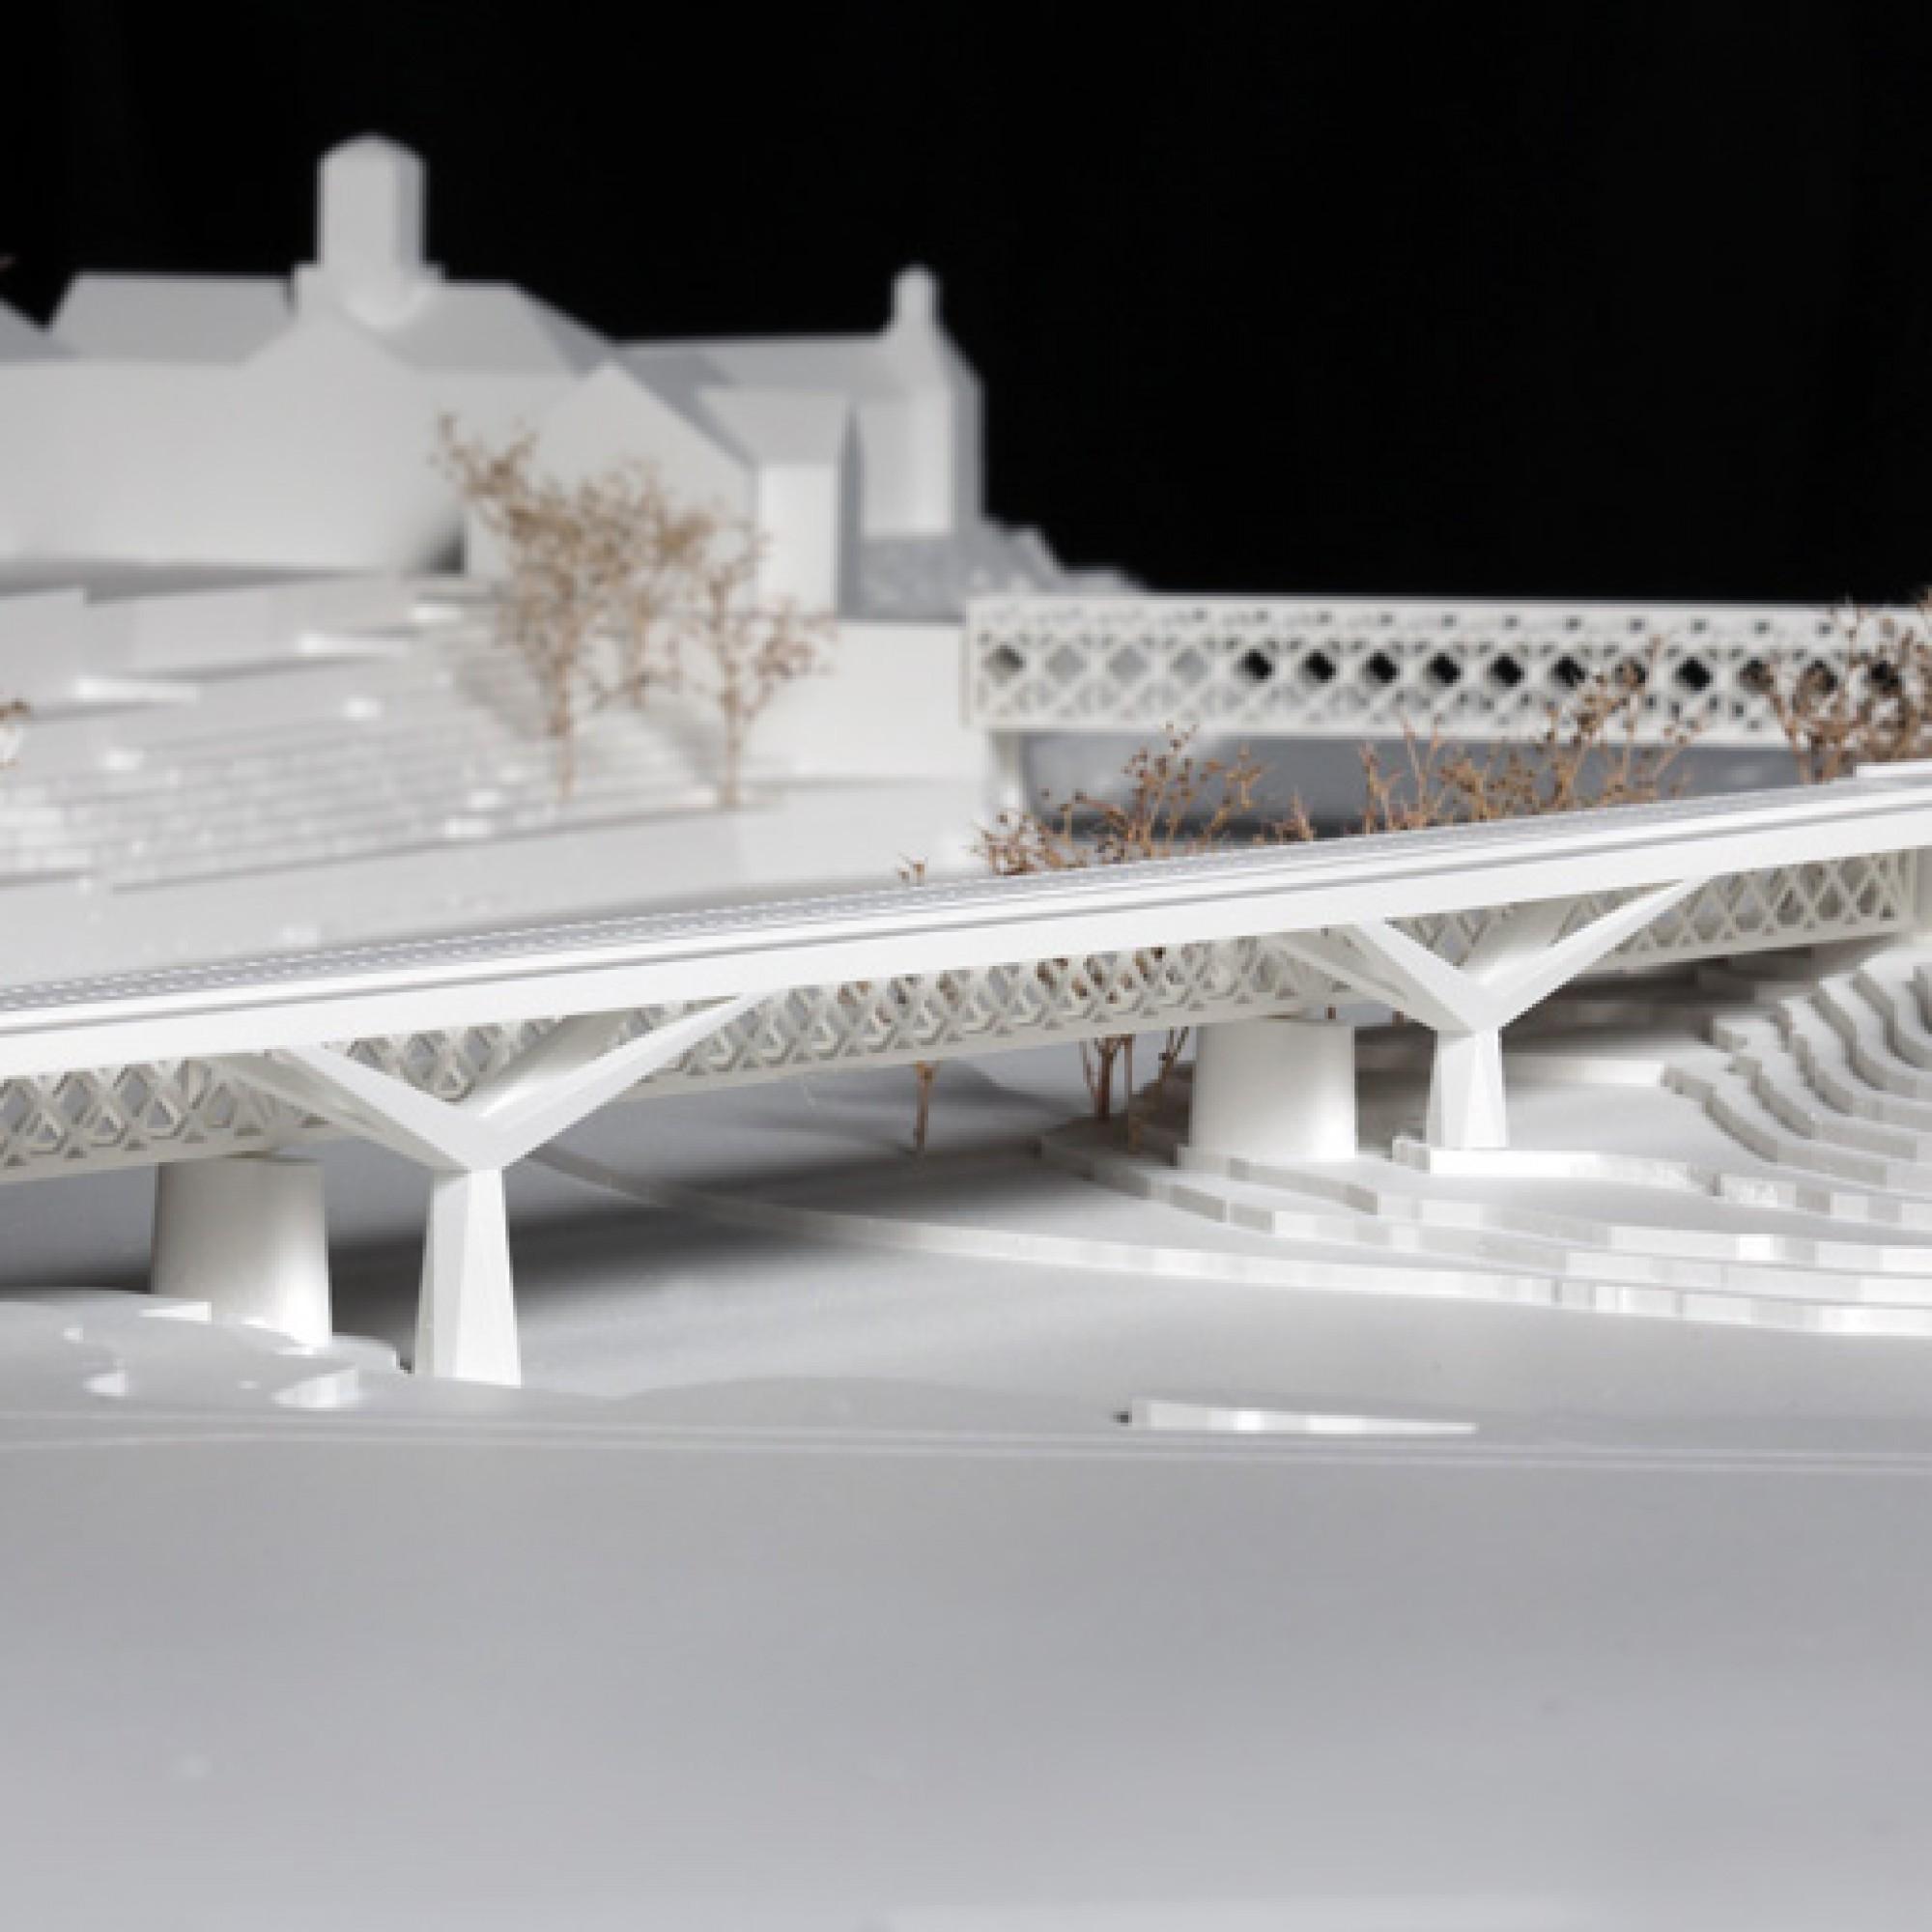 Modell der zweiten Brücke, welche die alte ergänzen soll. (zvg)